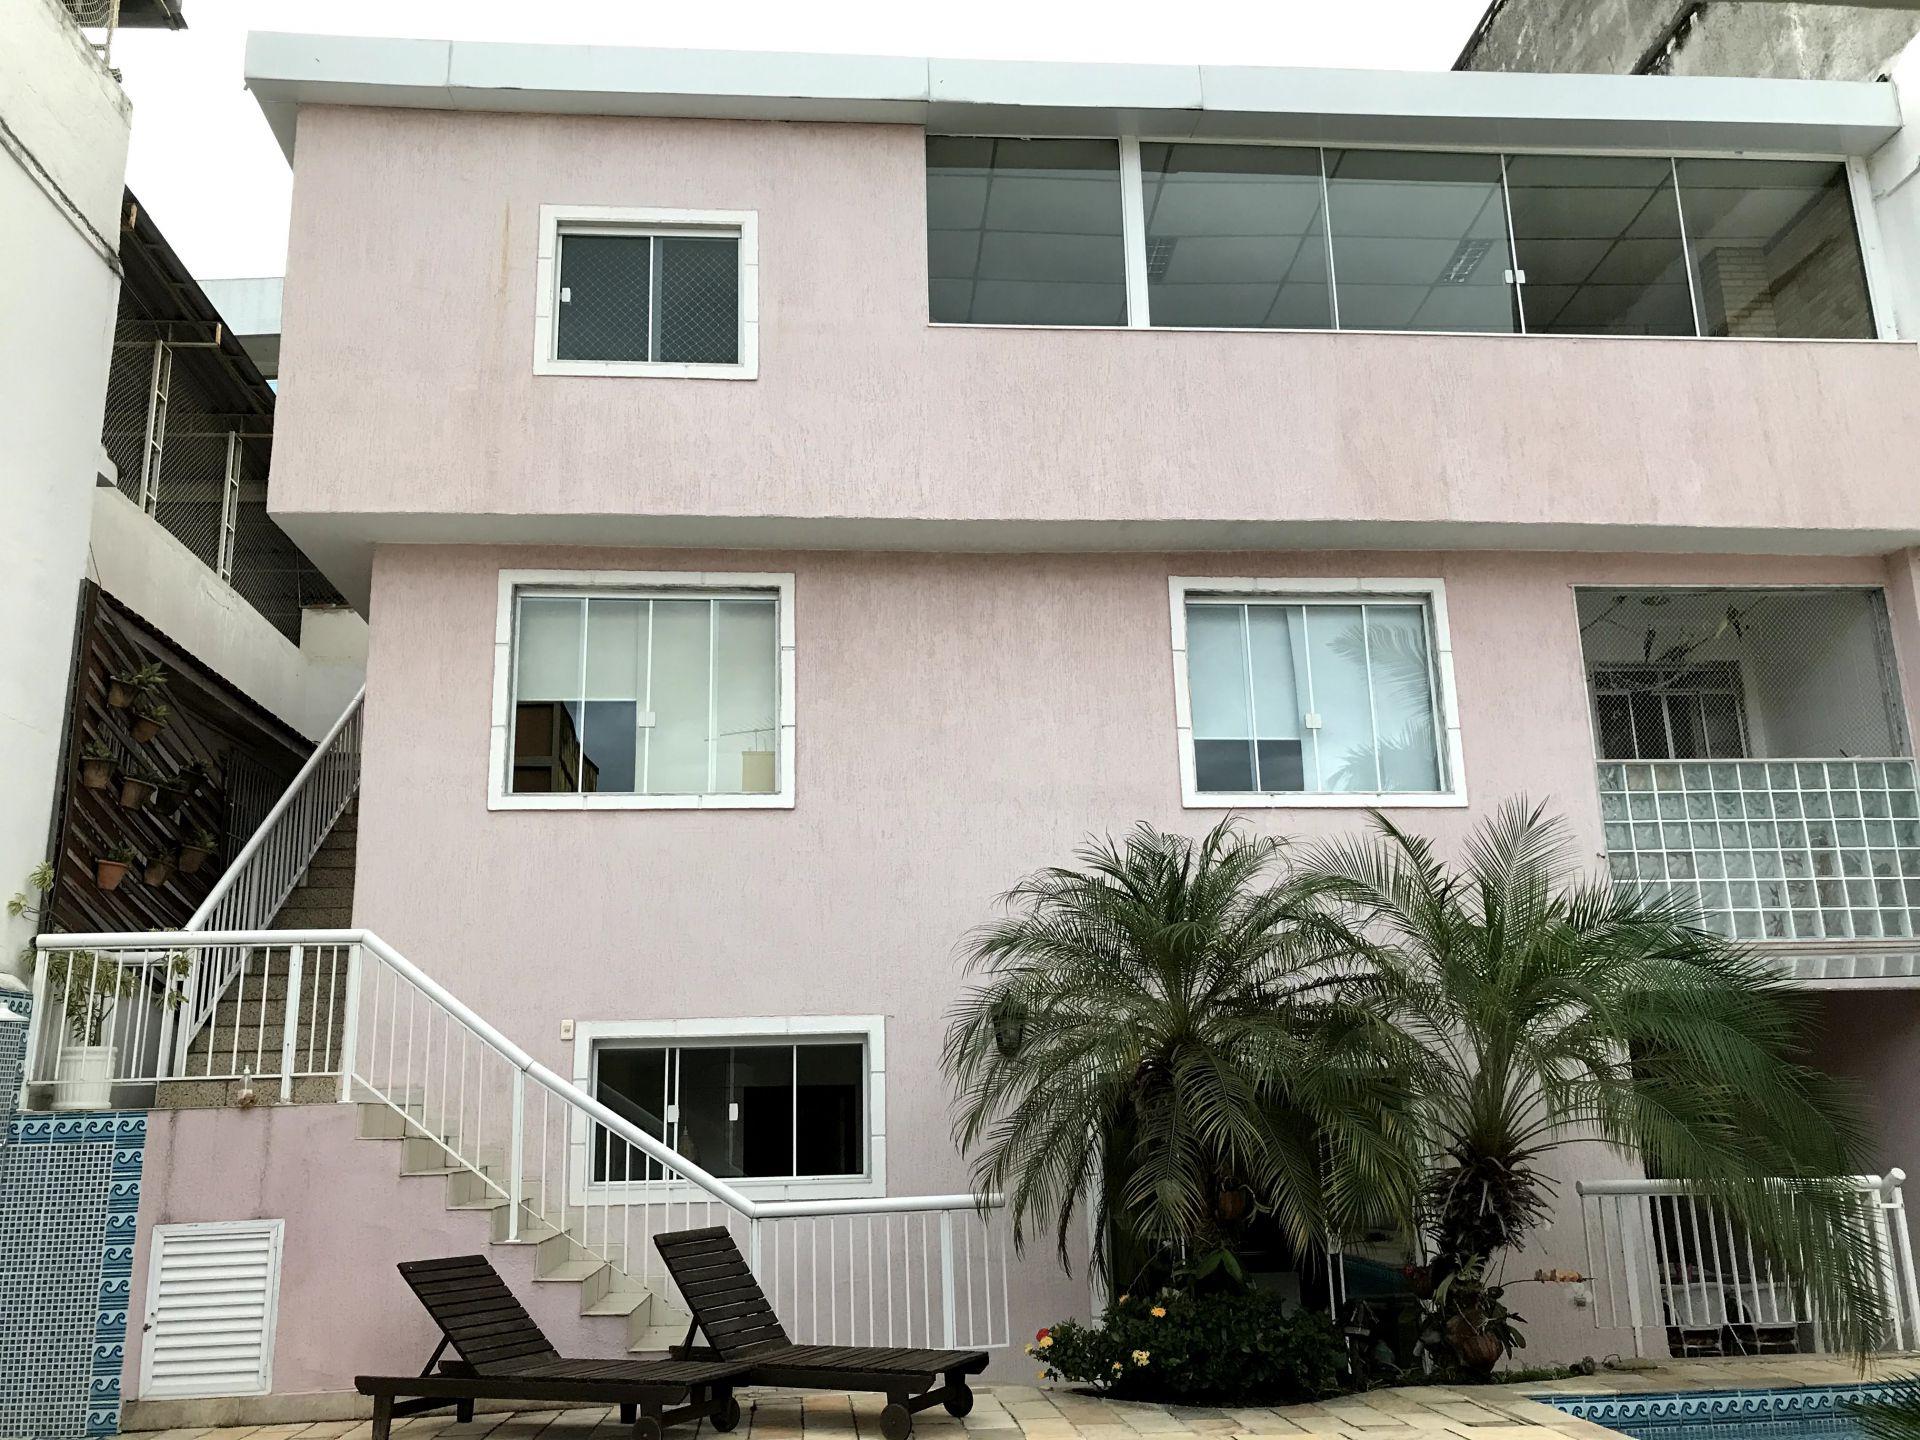 FOTO 21 - Casa em Condomínio à venda Rua Rosário Oeste,Vila Valqueire, Rio de Janeiro - R$ 1.500.000 - RF257 - 22